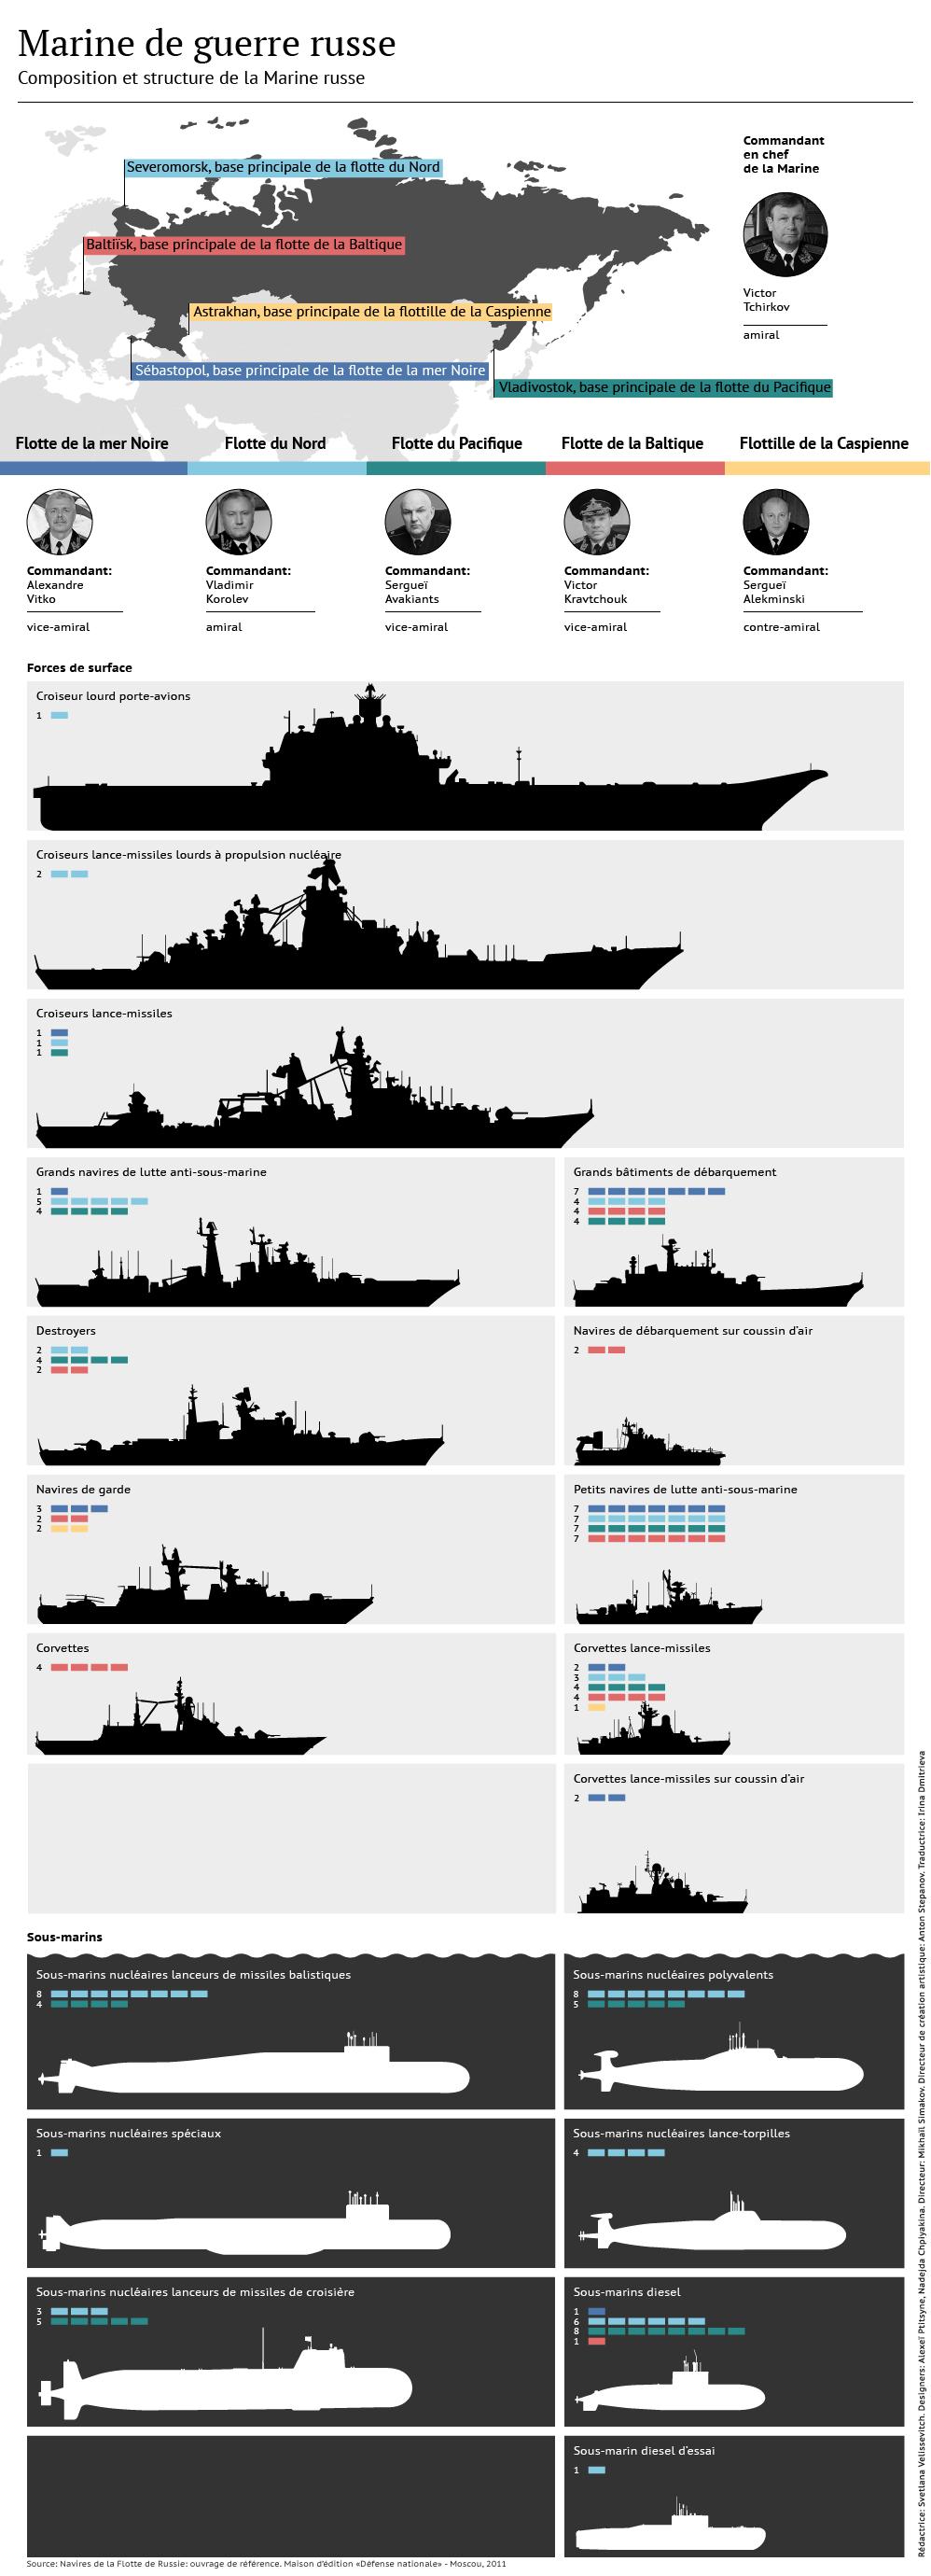 Marine russe: composition et armements - Sputnik France